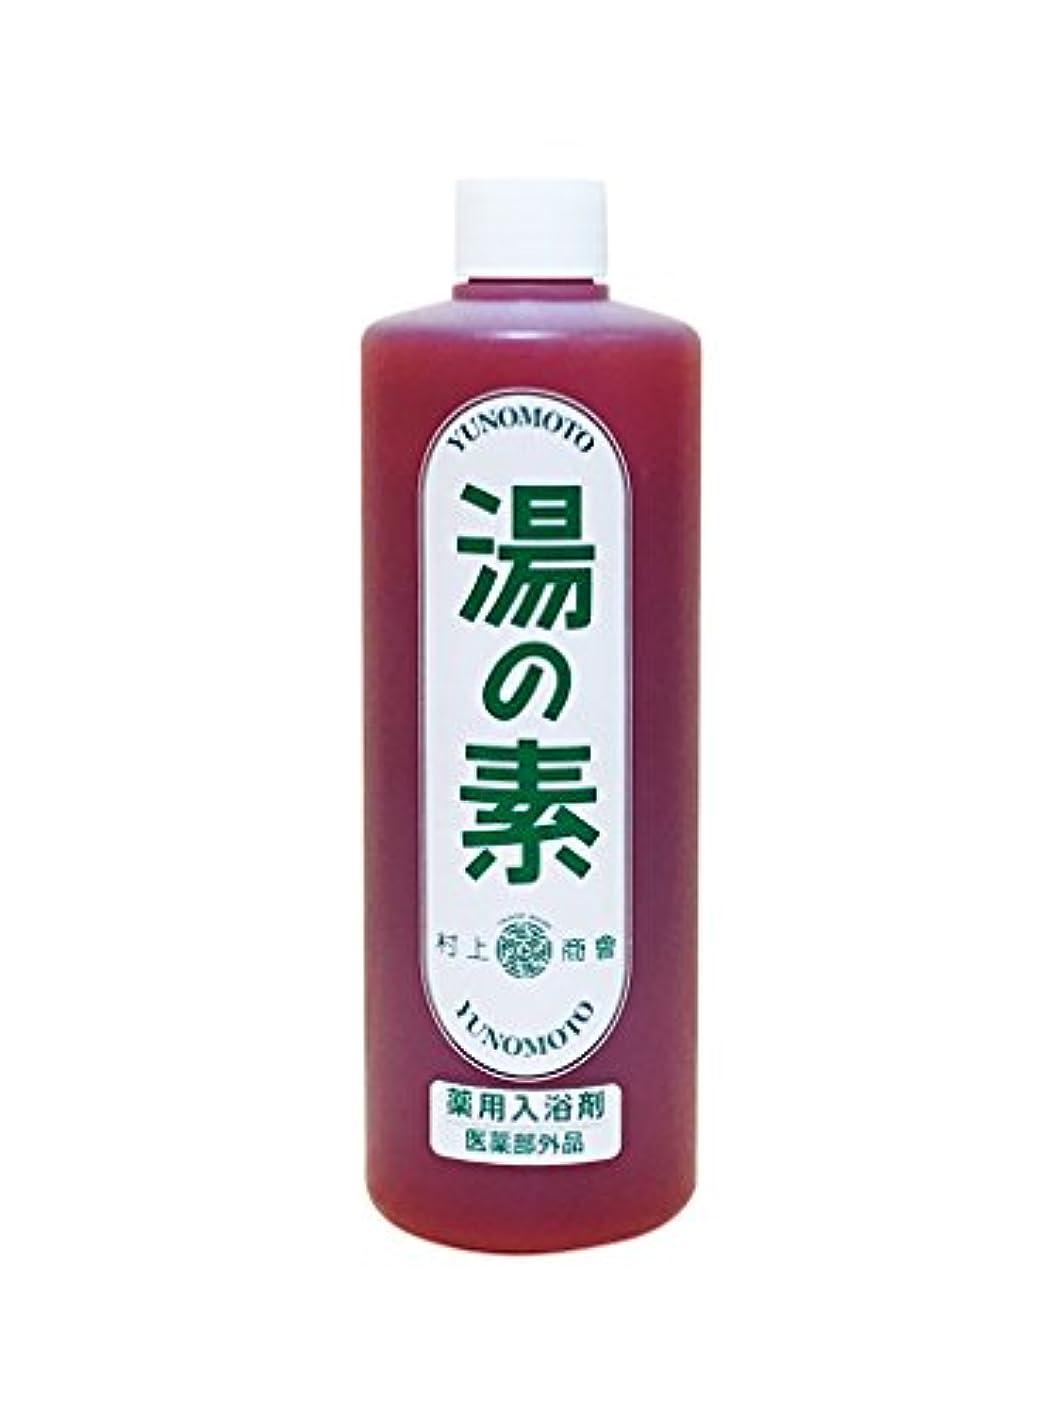 料理不合格酔った硫黄乳白色湯 湯の素 薬用入浴剤 (医薬部外品) 490g